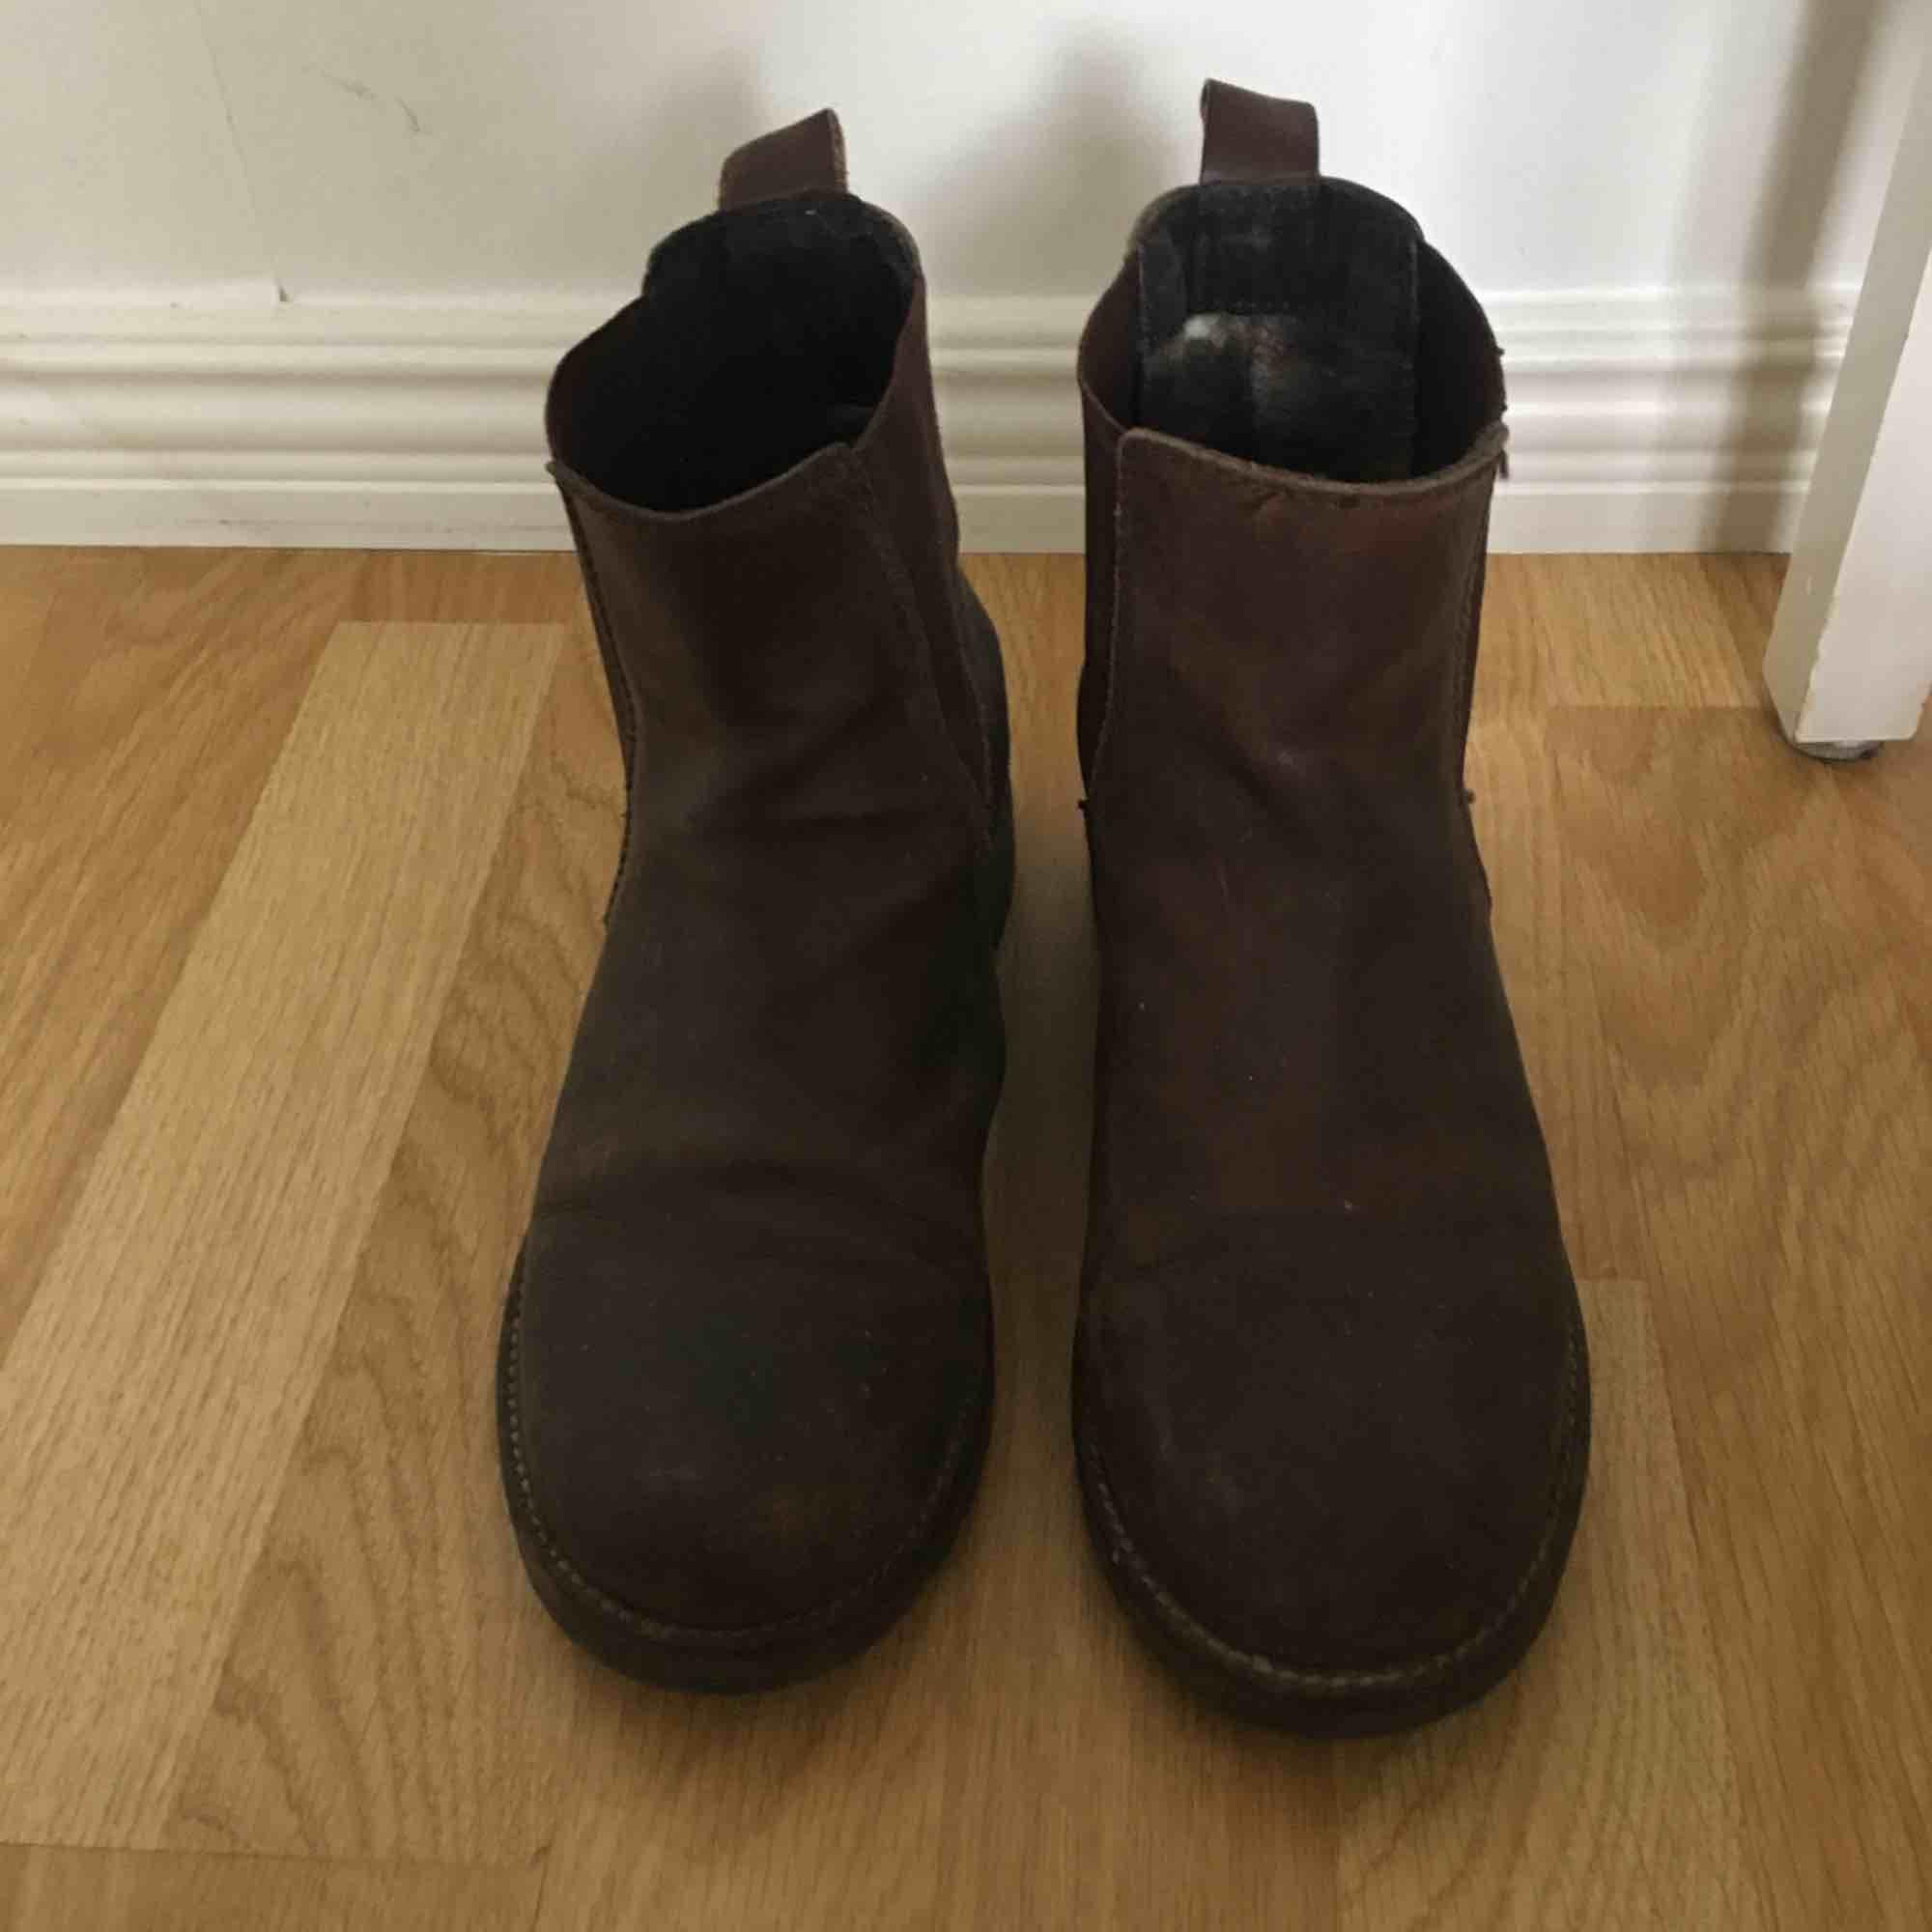 Bruna jodphurs i äkta läder från Park West, DinSko. Skor.